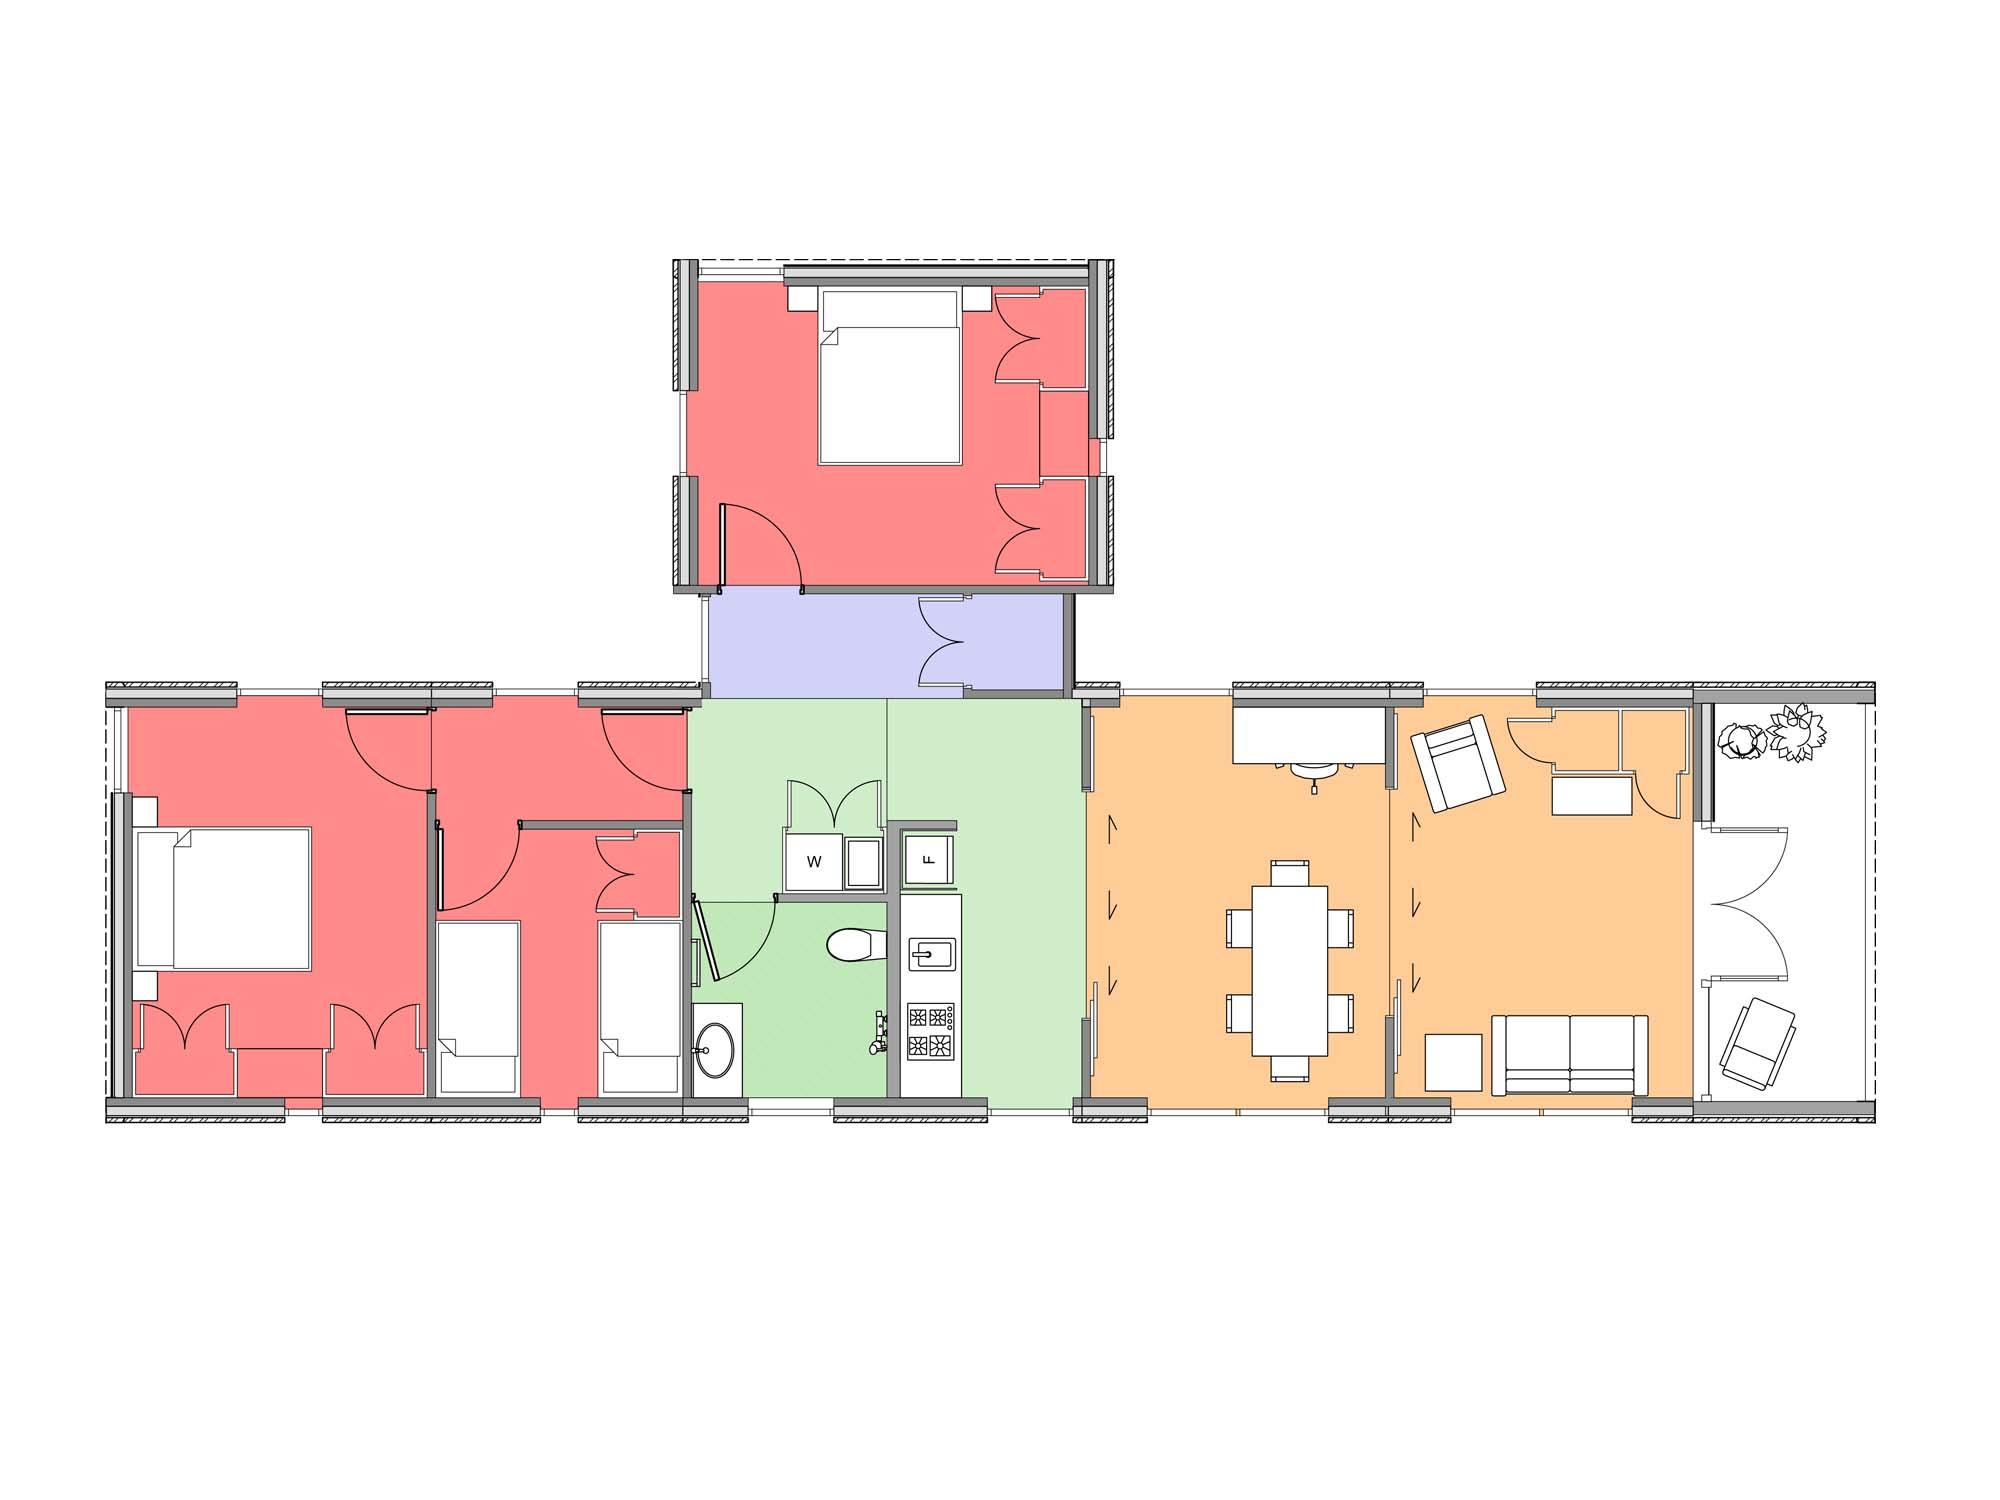 Plan of Te Whare-iti TWI 36